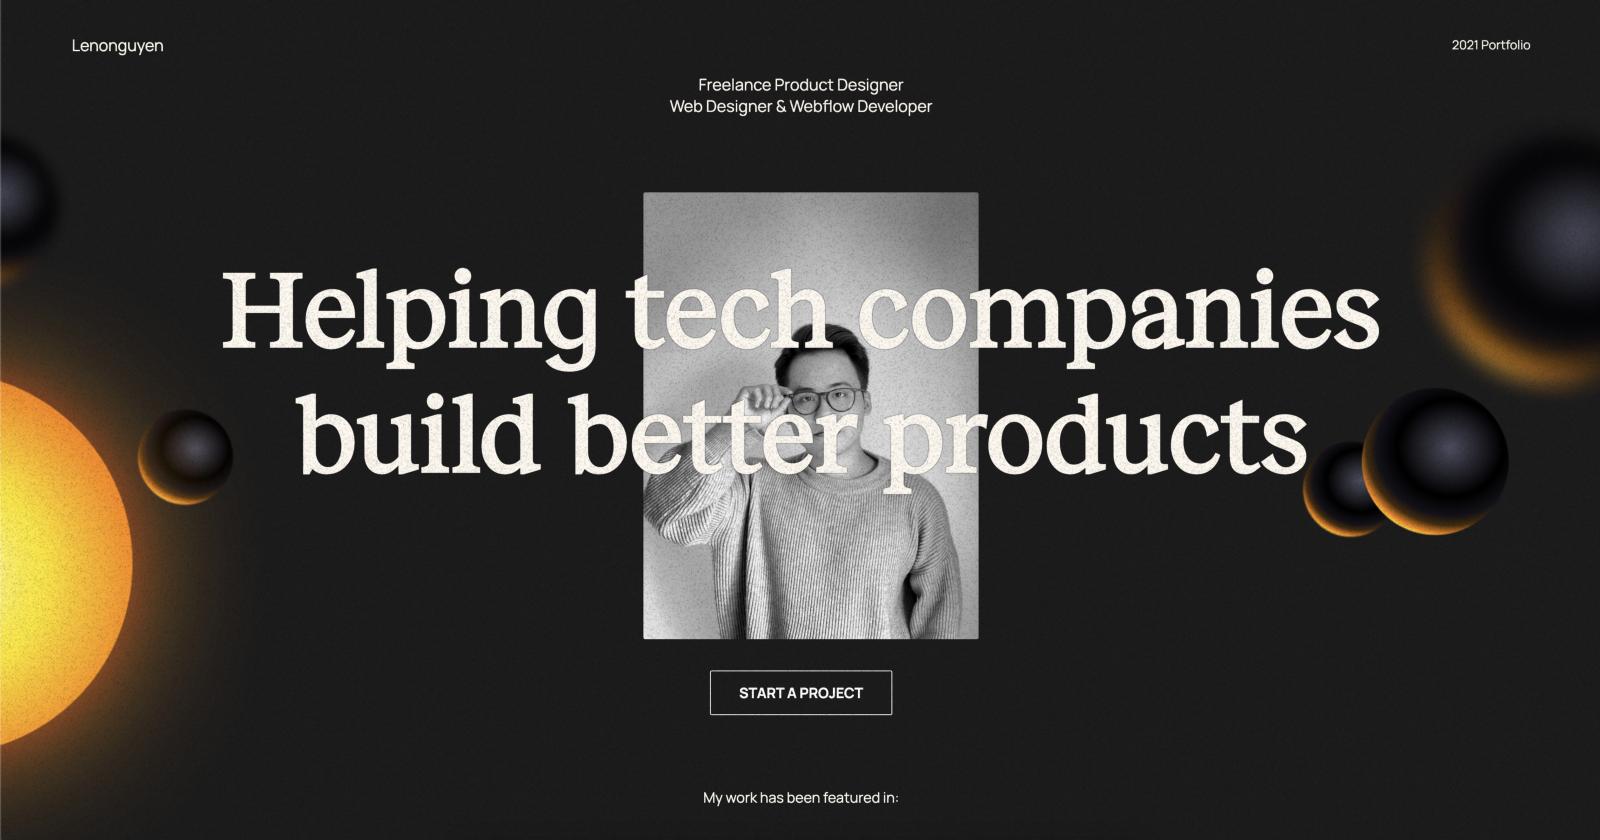 A stunning portfolio redesign (source)